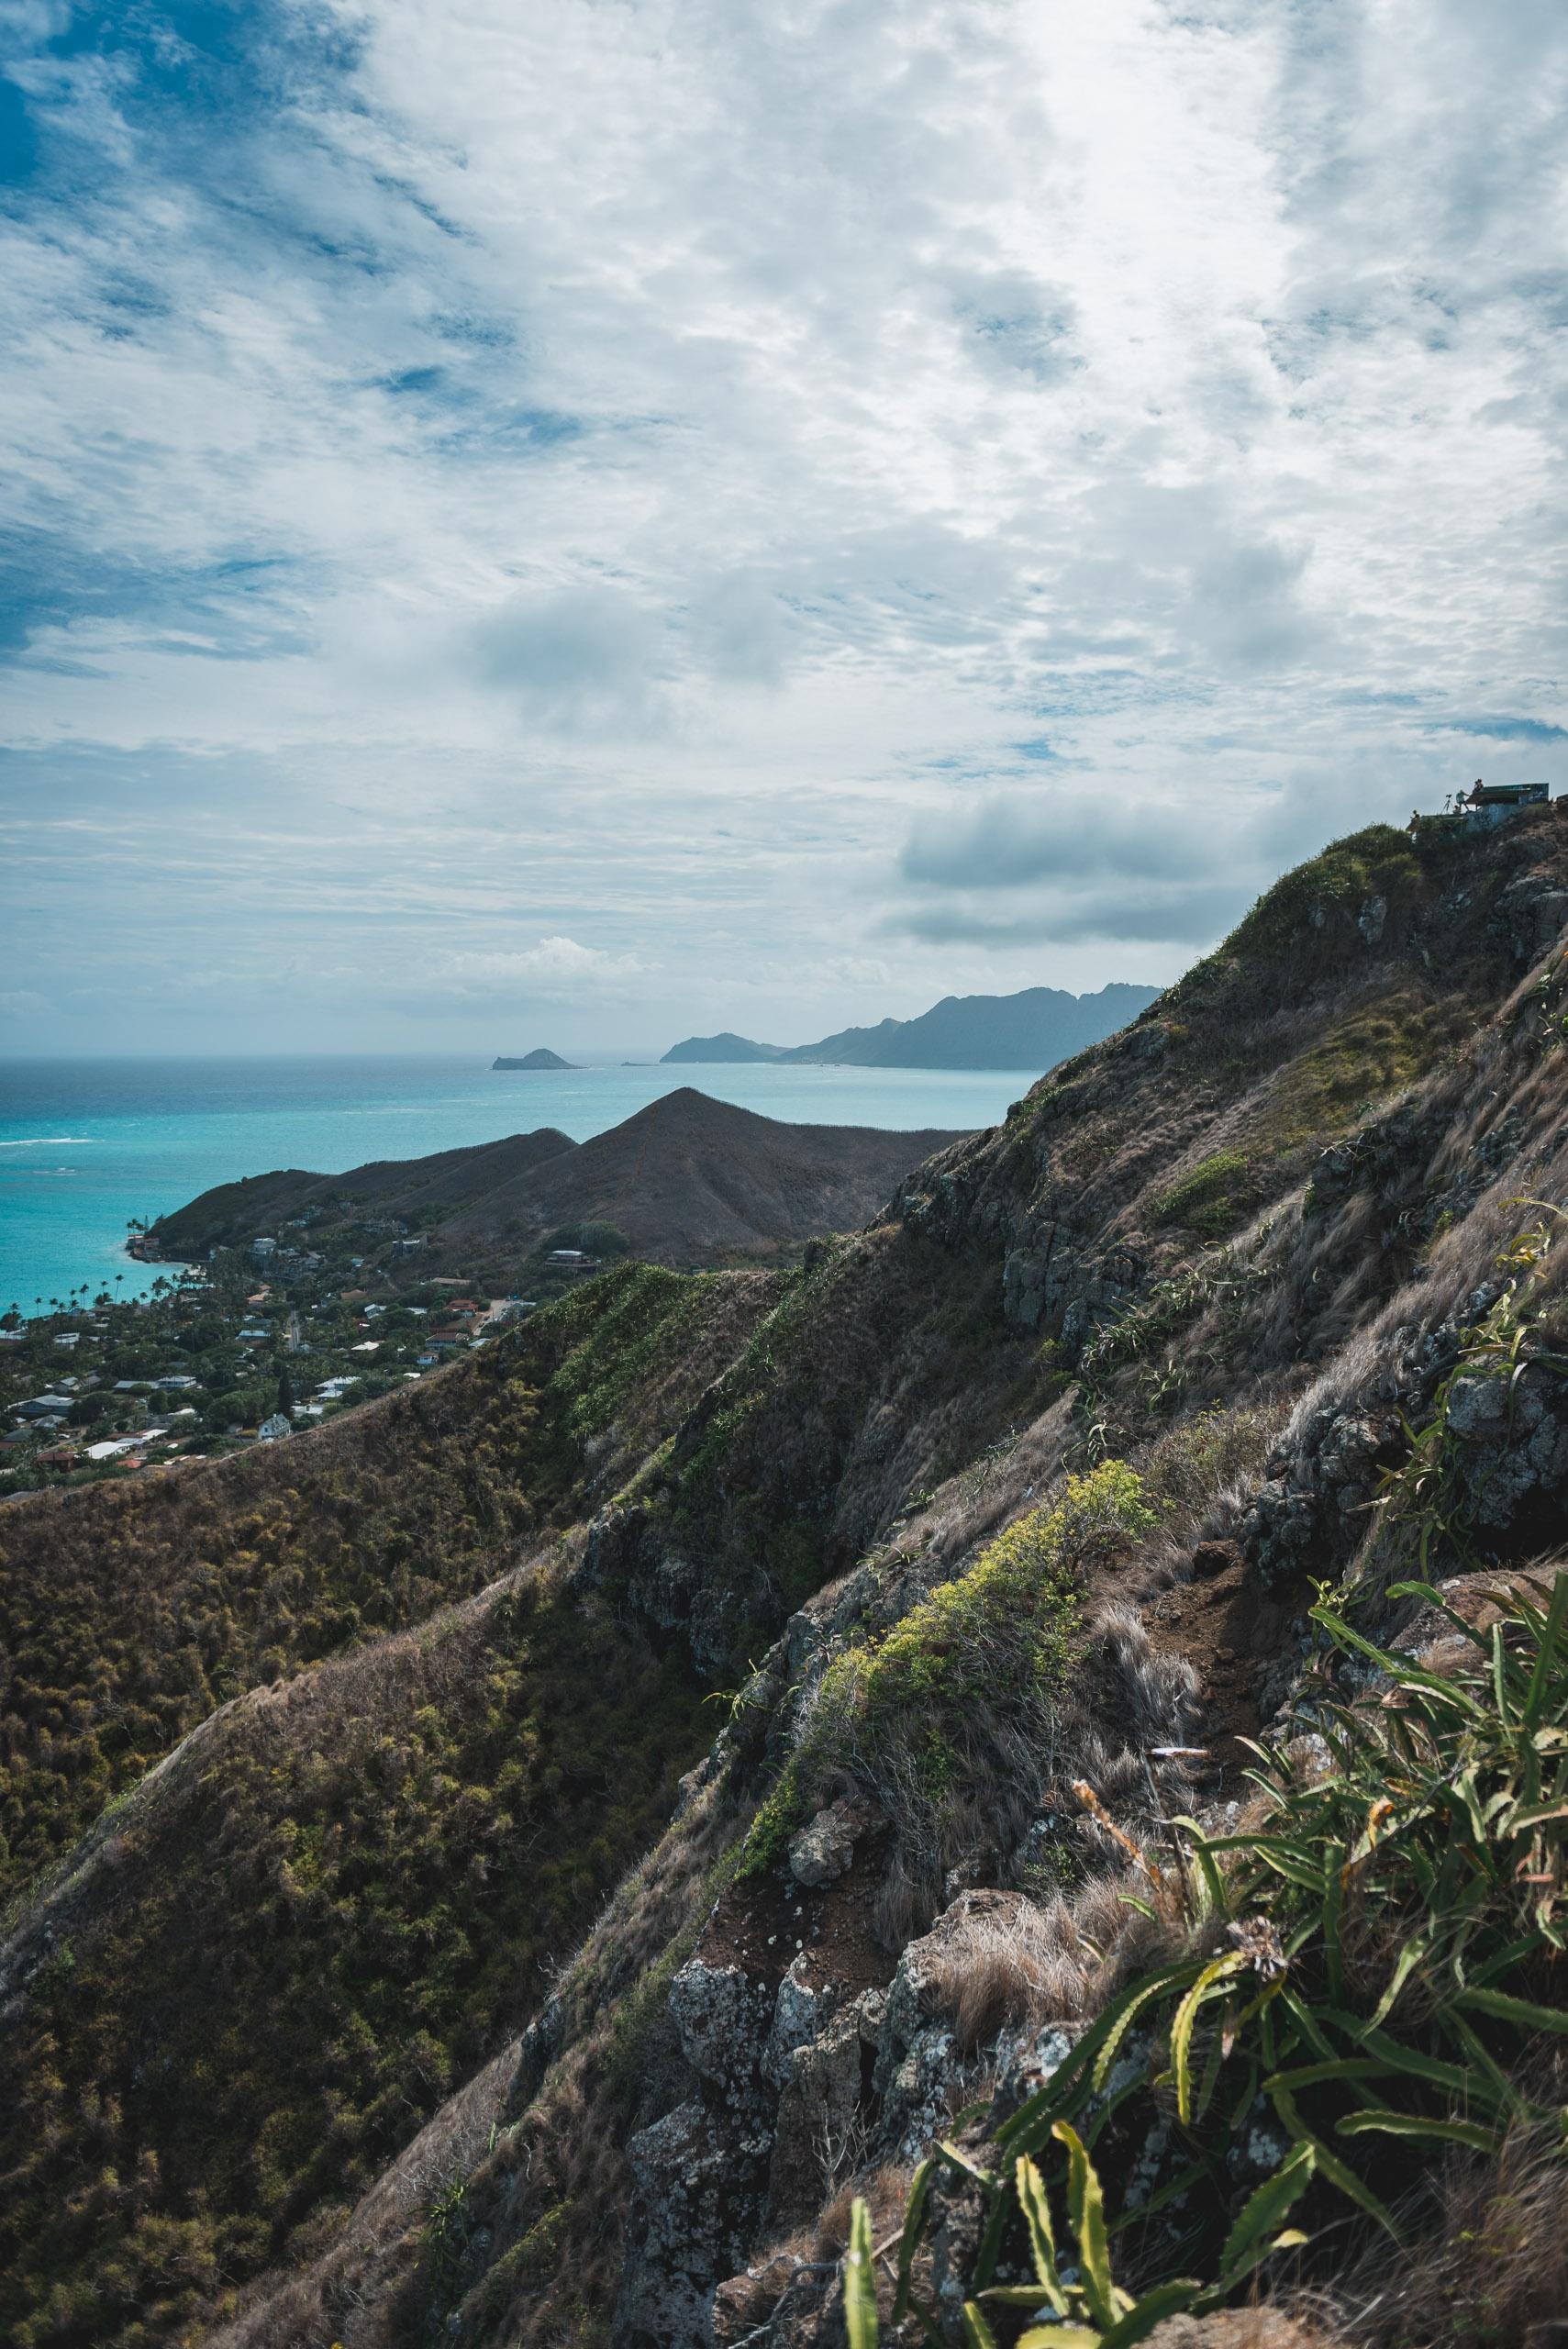 Hiking the Pillbox Trail - Part II